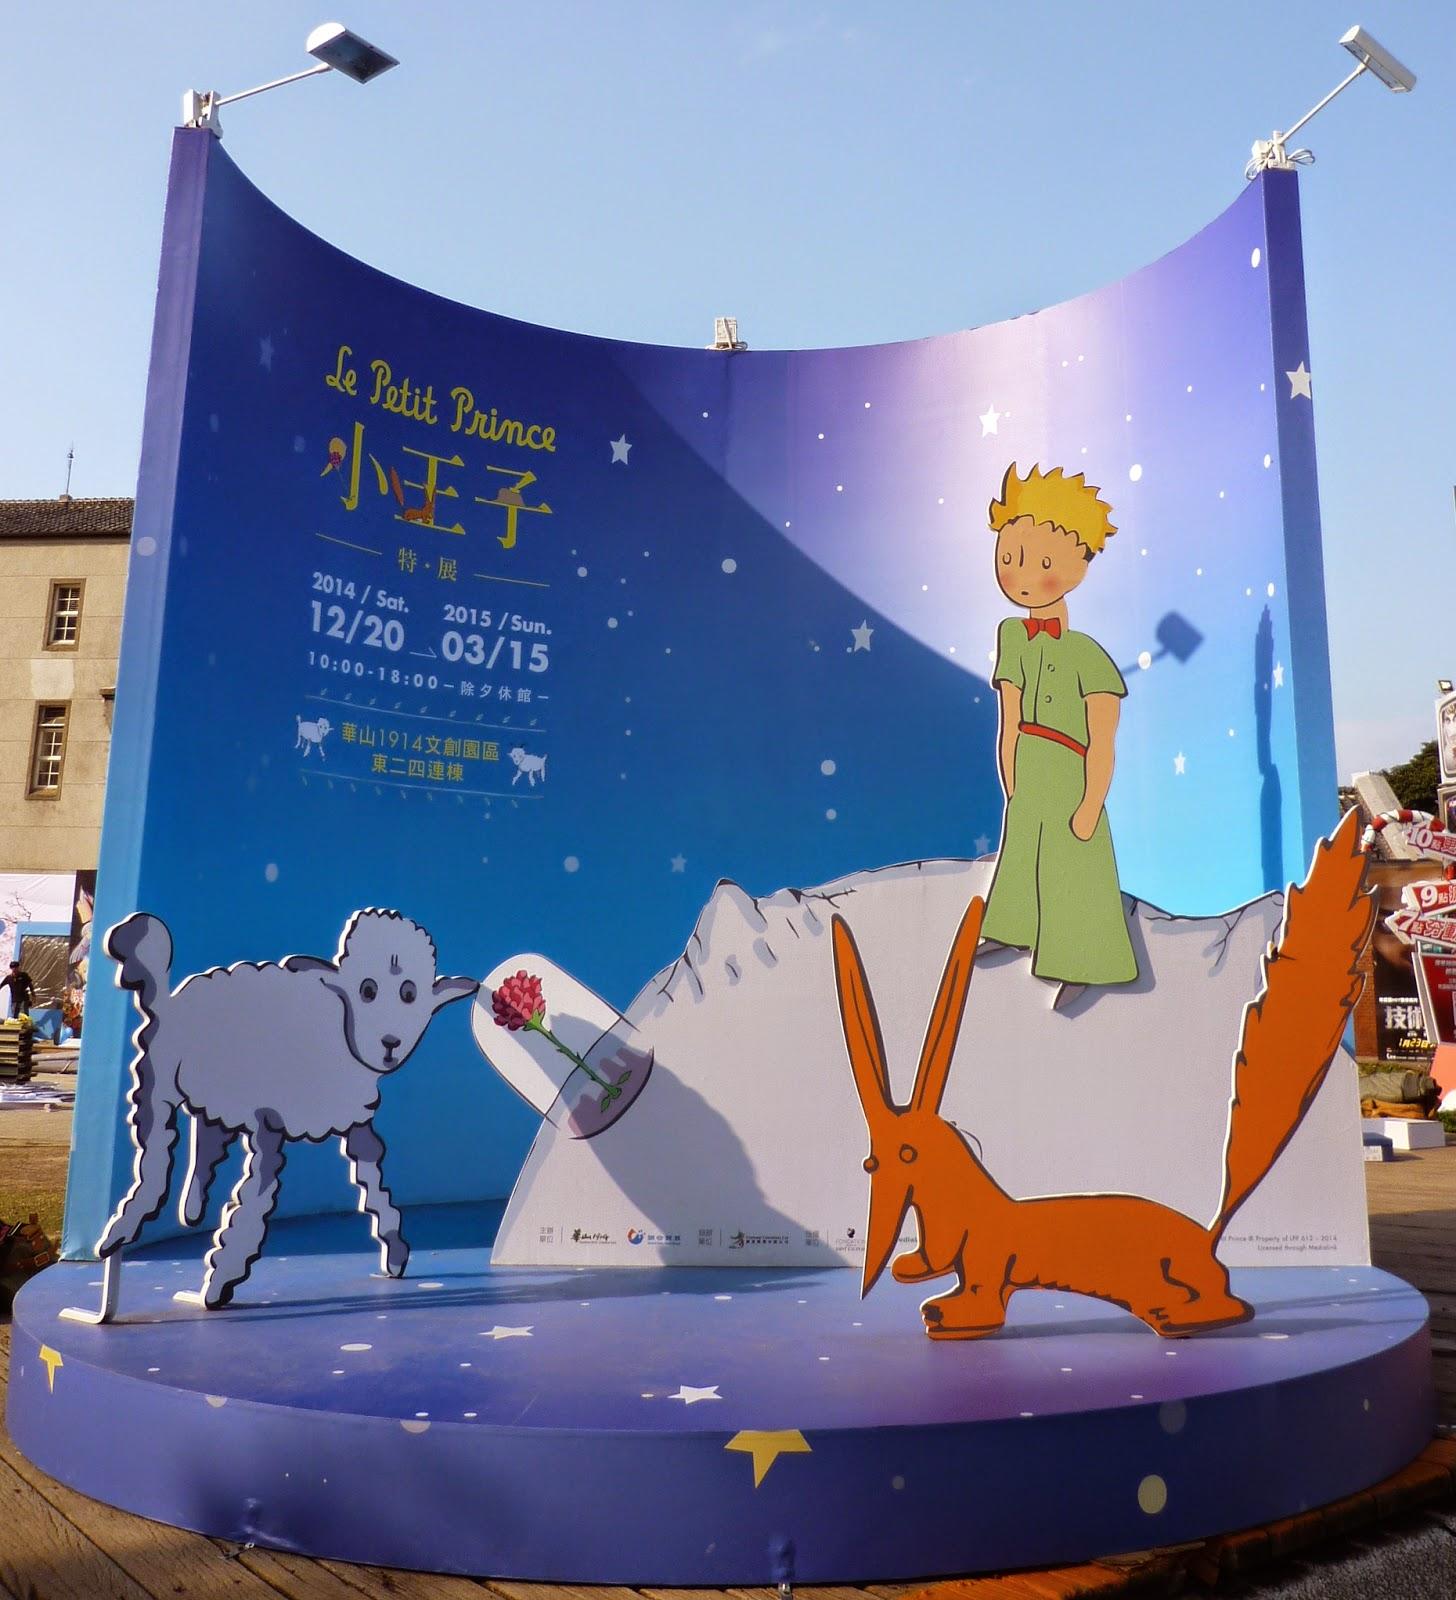 每個人一生都會紅15分鐘: 台北華山/小王子特展-不管是內心污濁的大人和單純的孩子都來吧!